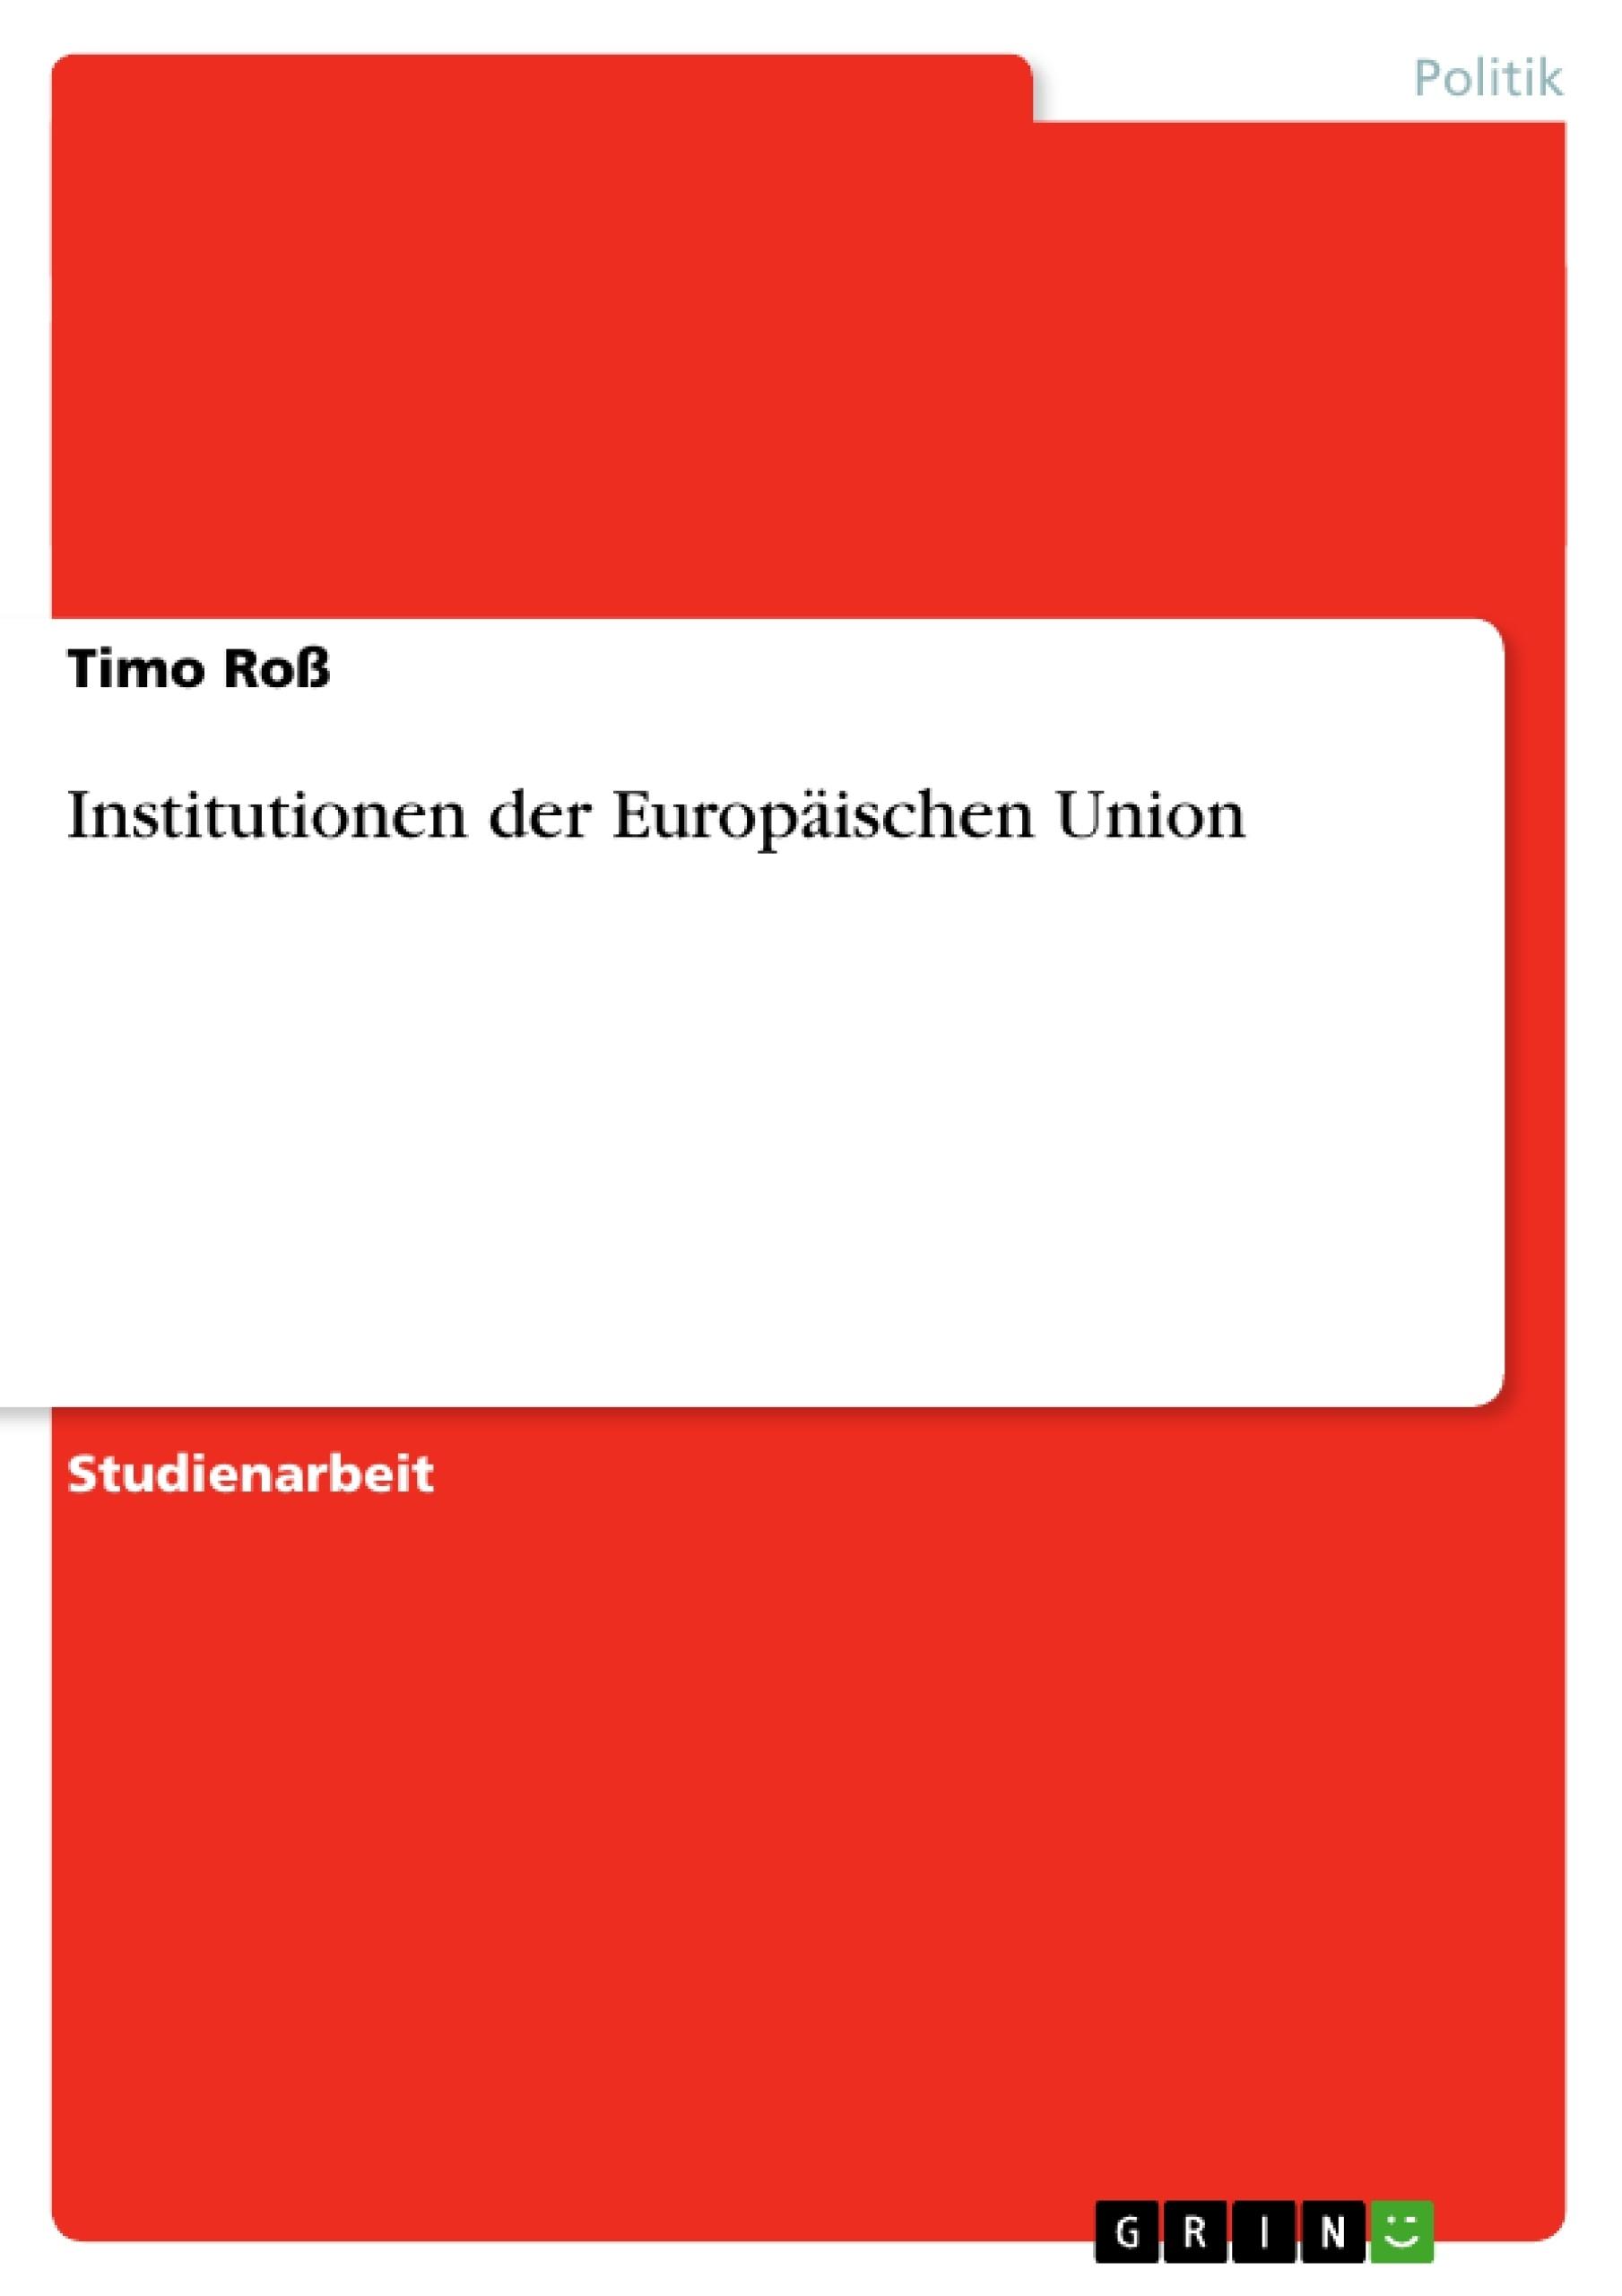 Titel: Institutionen der Europäischen Union